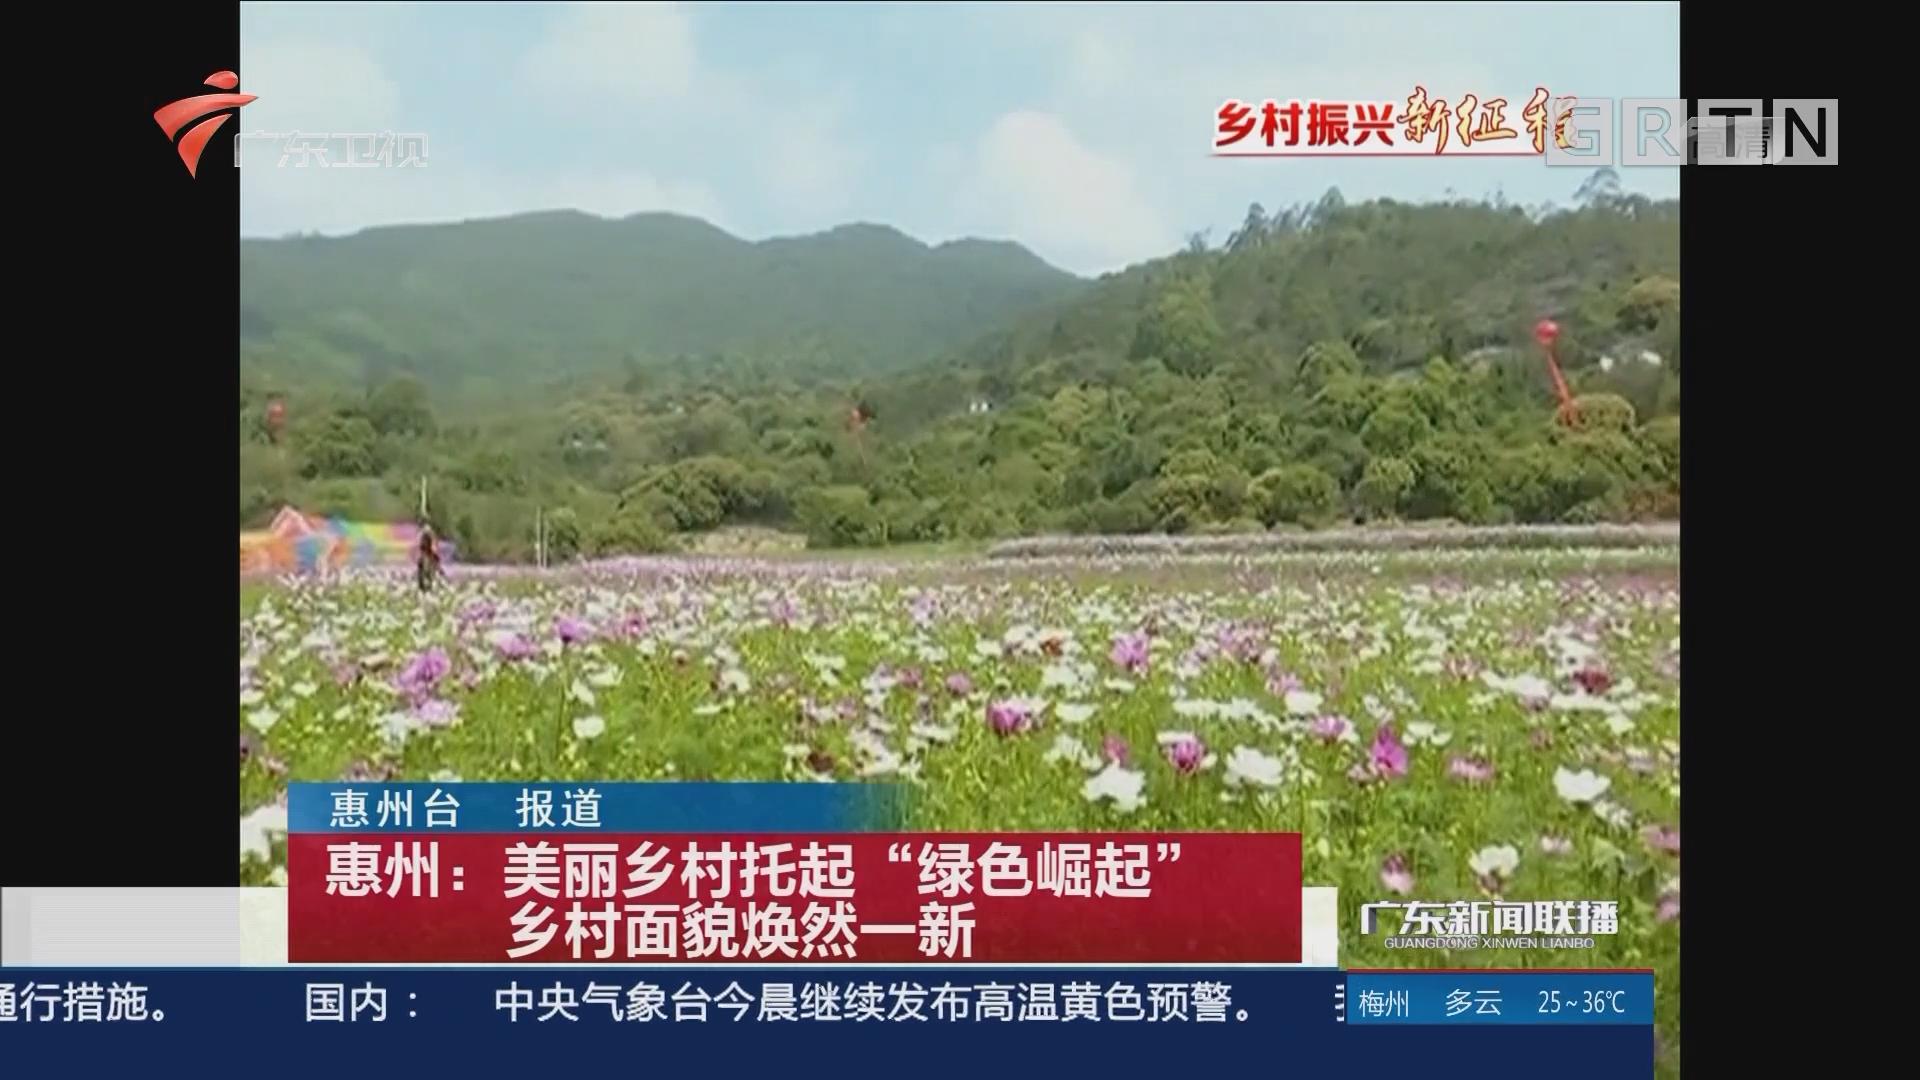 """惠州:美丽乡村托起""""绿色崛起"""" 乡村面貌焕然一新"""